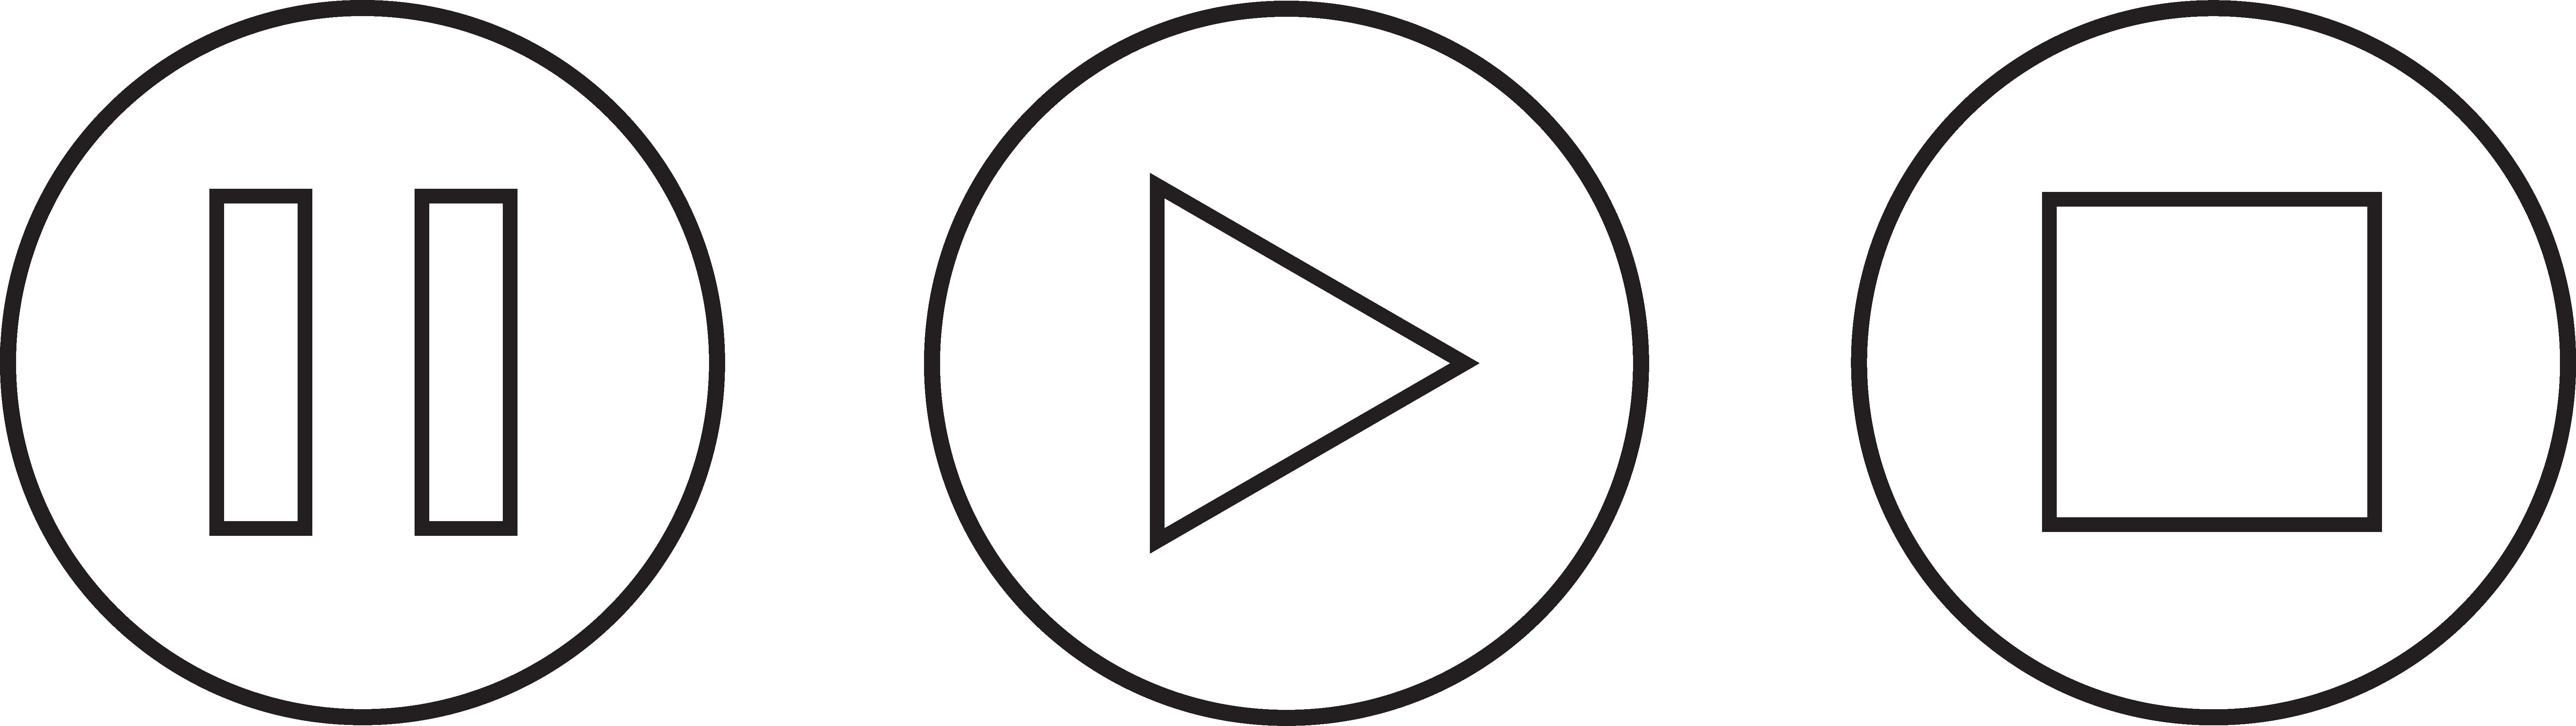 Audio clipart pause button #1